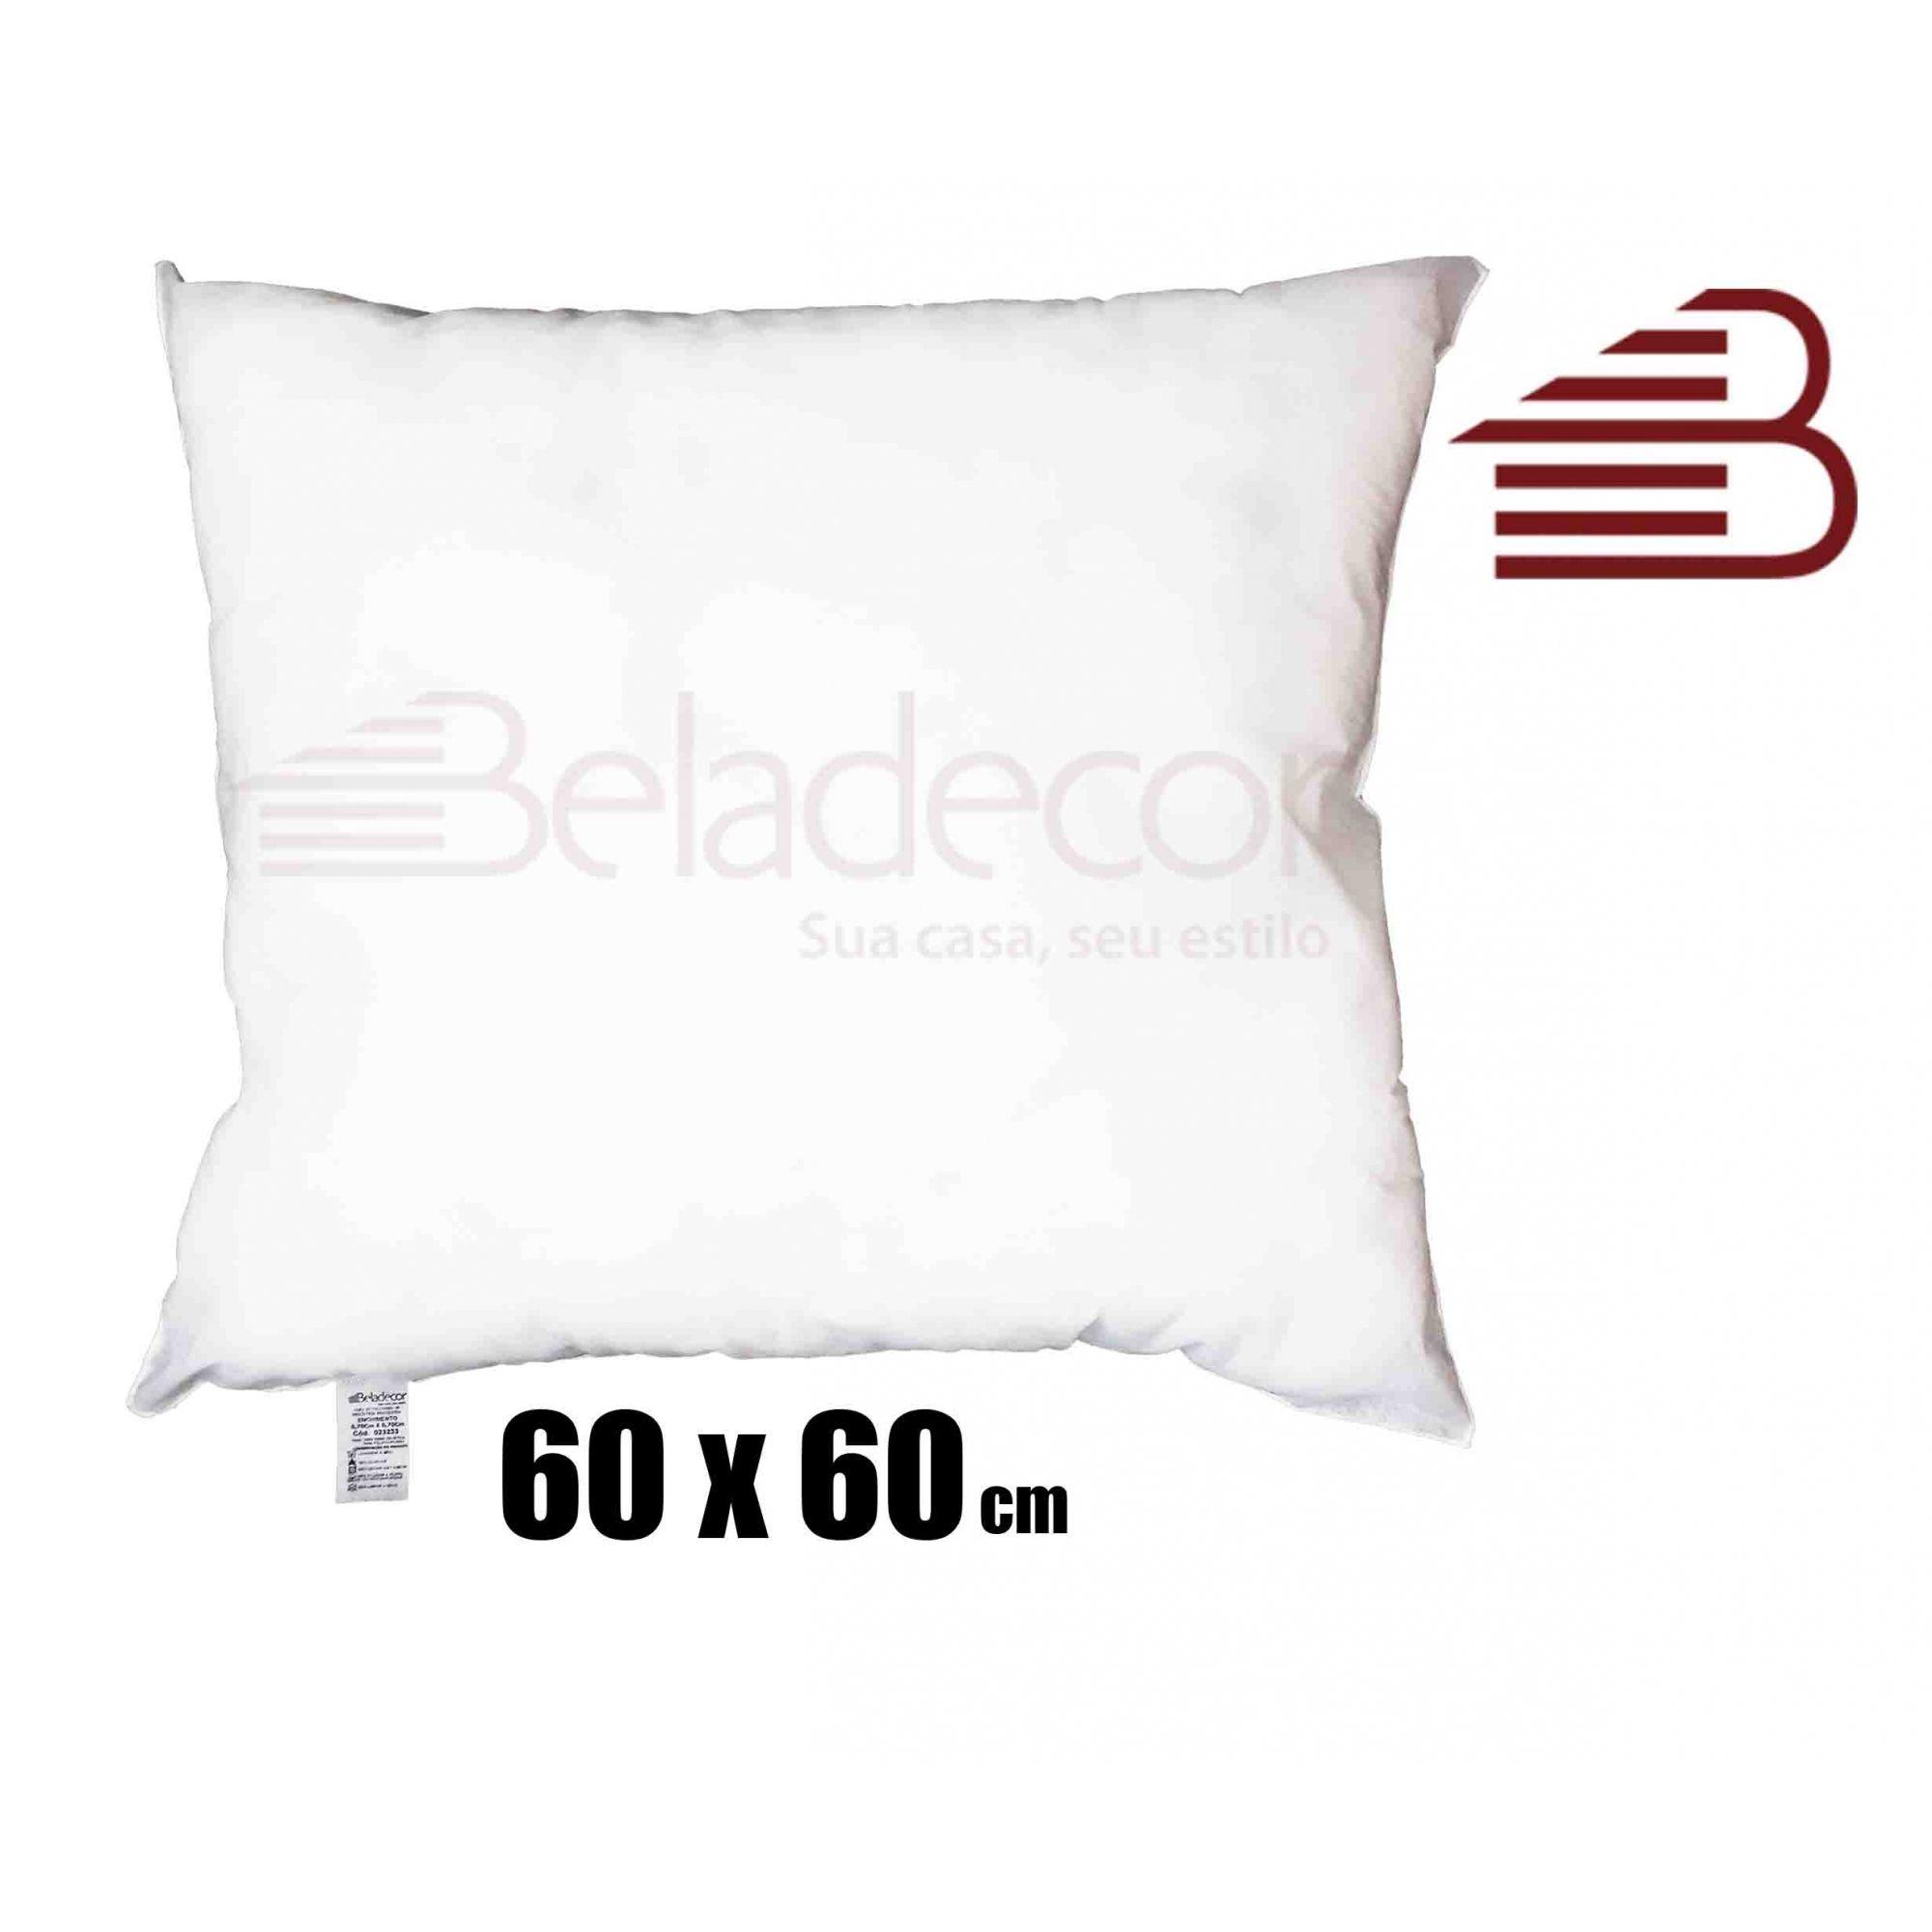 ENCHIMENTO DE ALMOFADA BELADECOR 60CM X 60CM